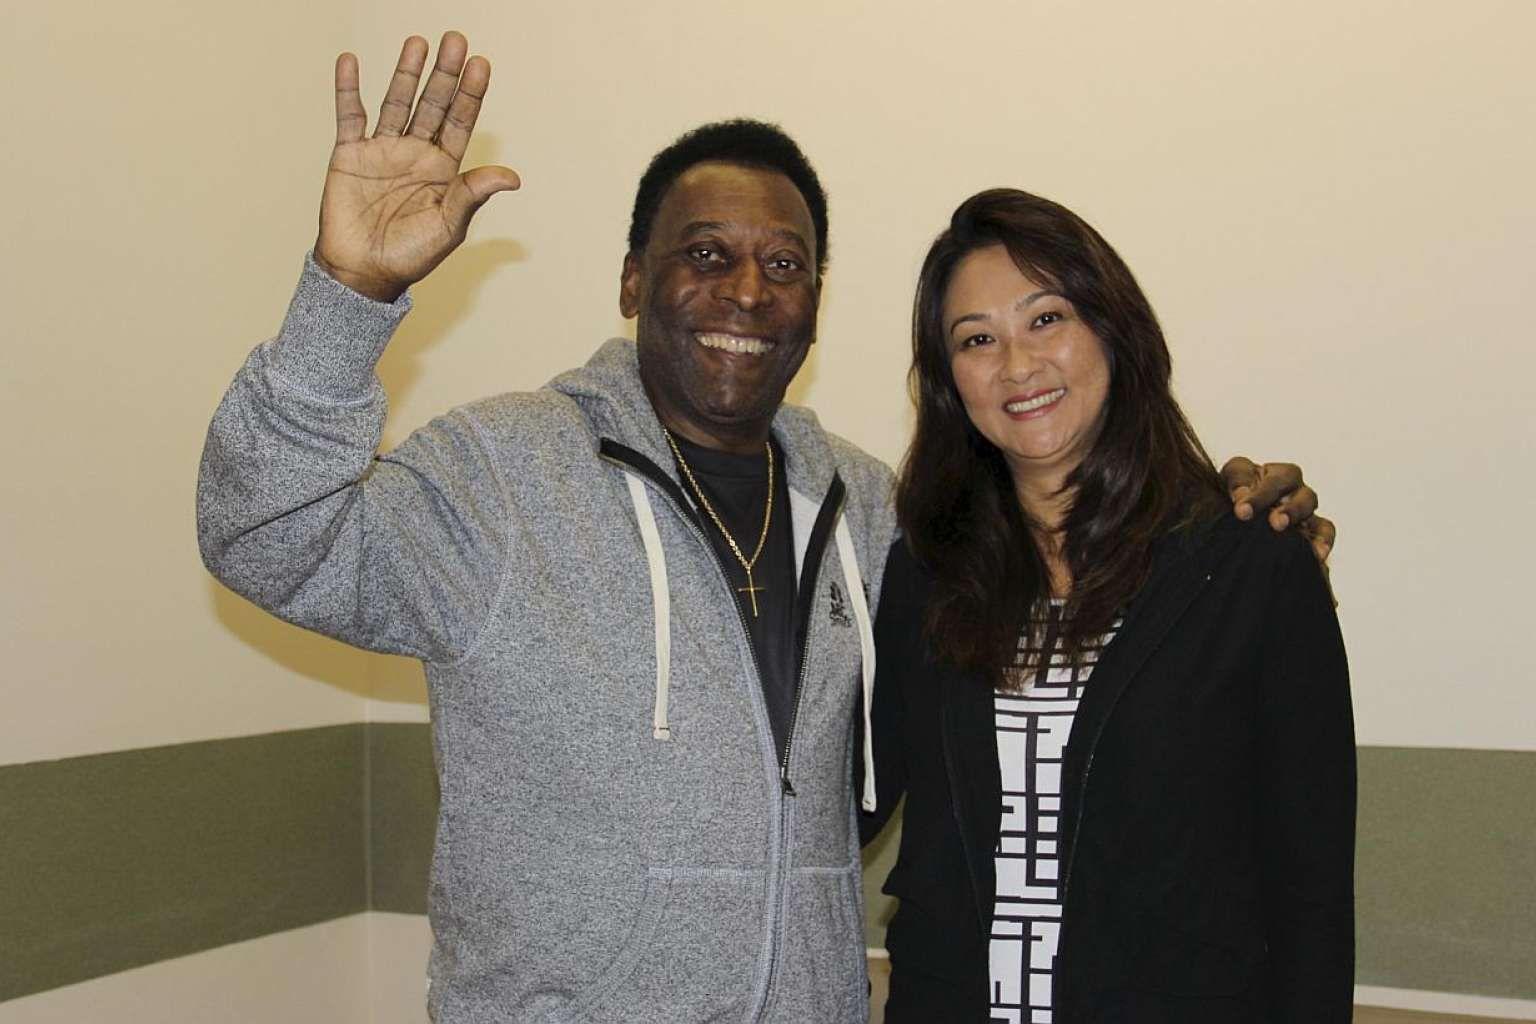 ¿Será la vencida? Pelé se casará por tercera vez a los 75 años